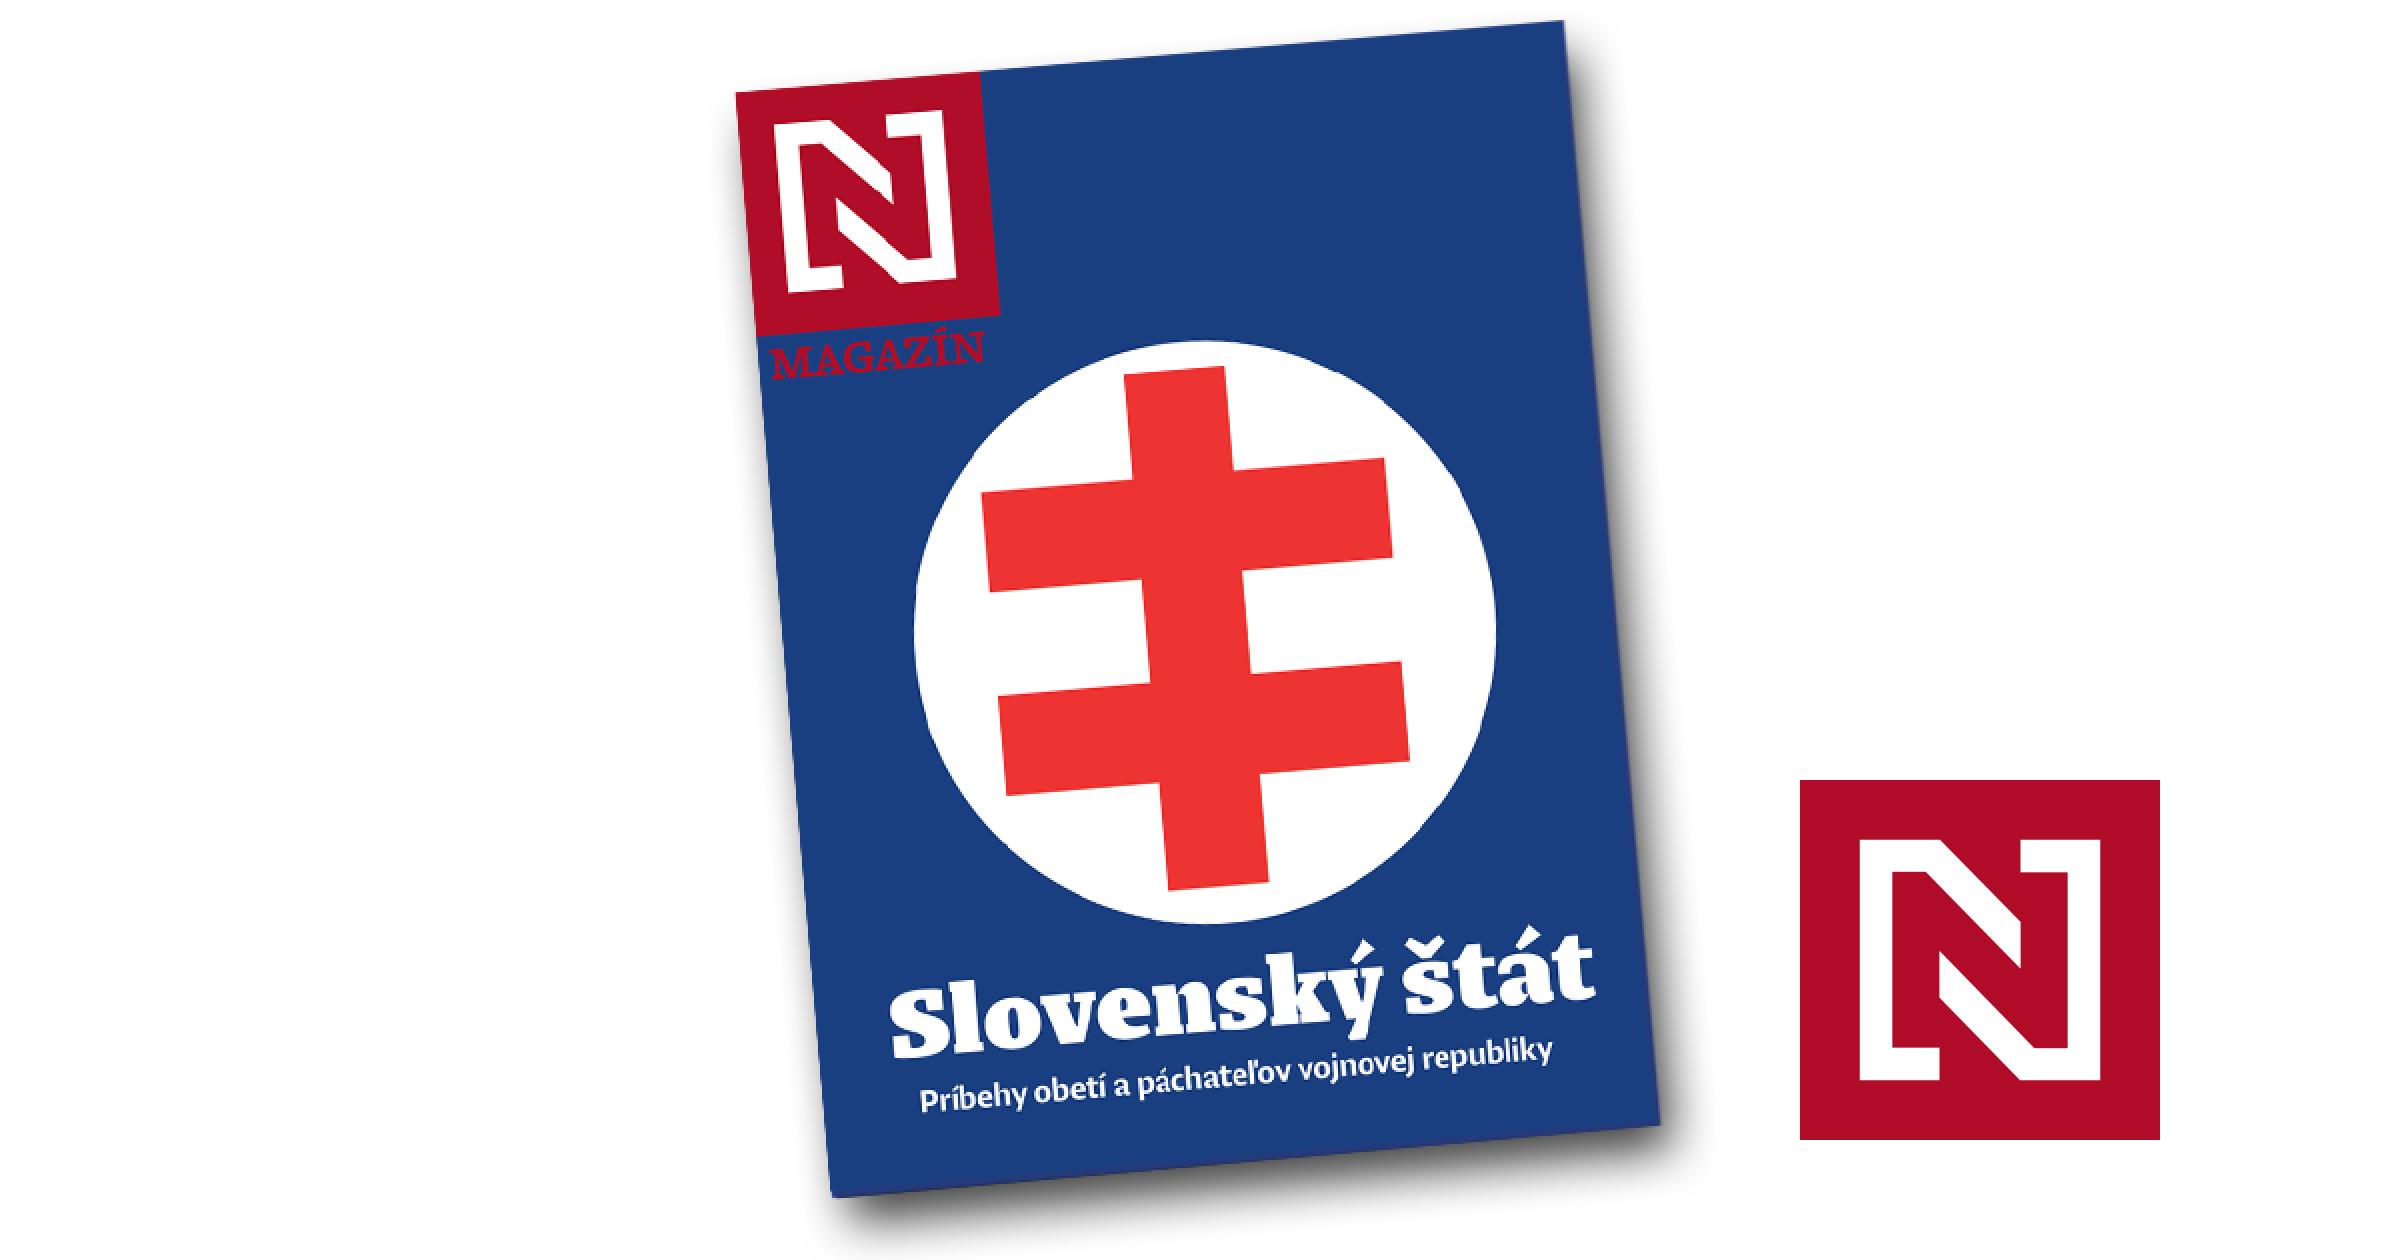 c259179422b2a Denník N vydal magazín o slovenskom štáte. Zadarmo ho dostane 36-tisíc  študentov – Denník N